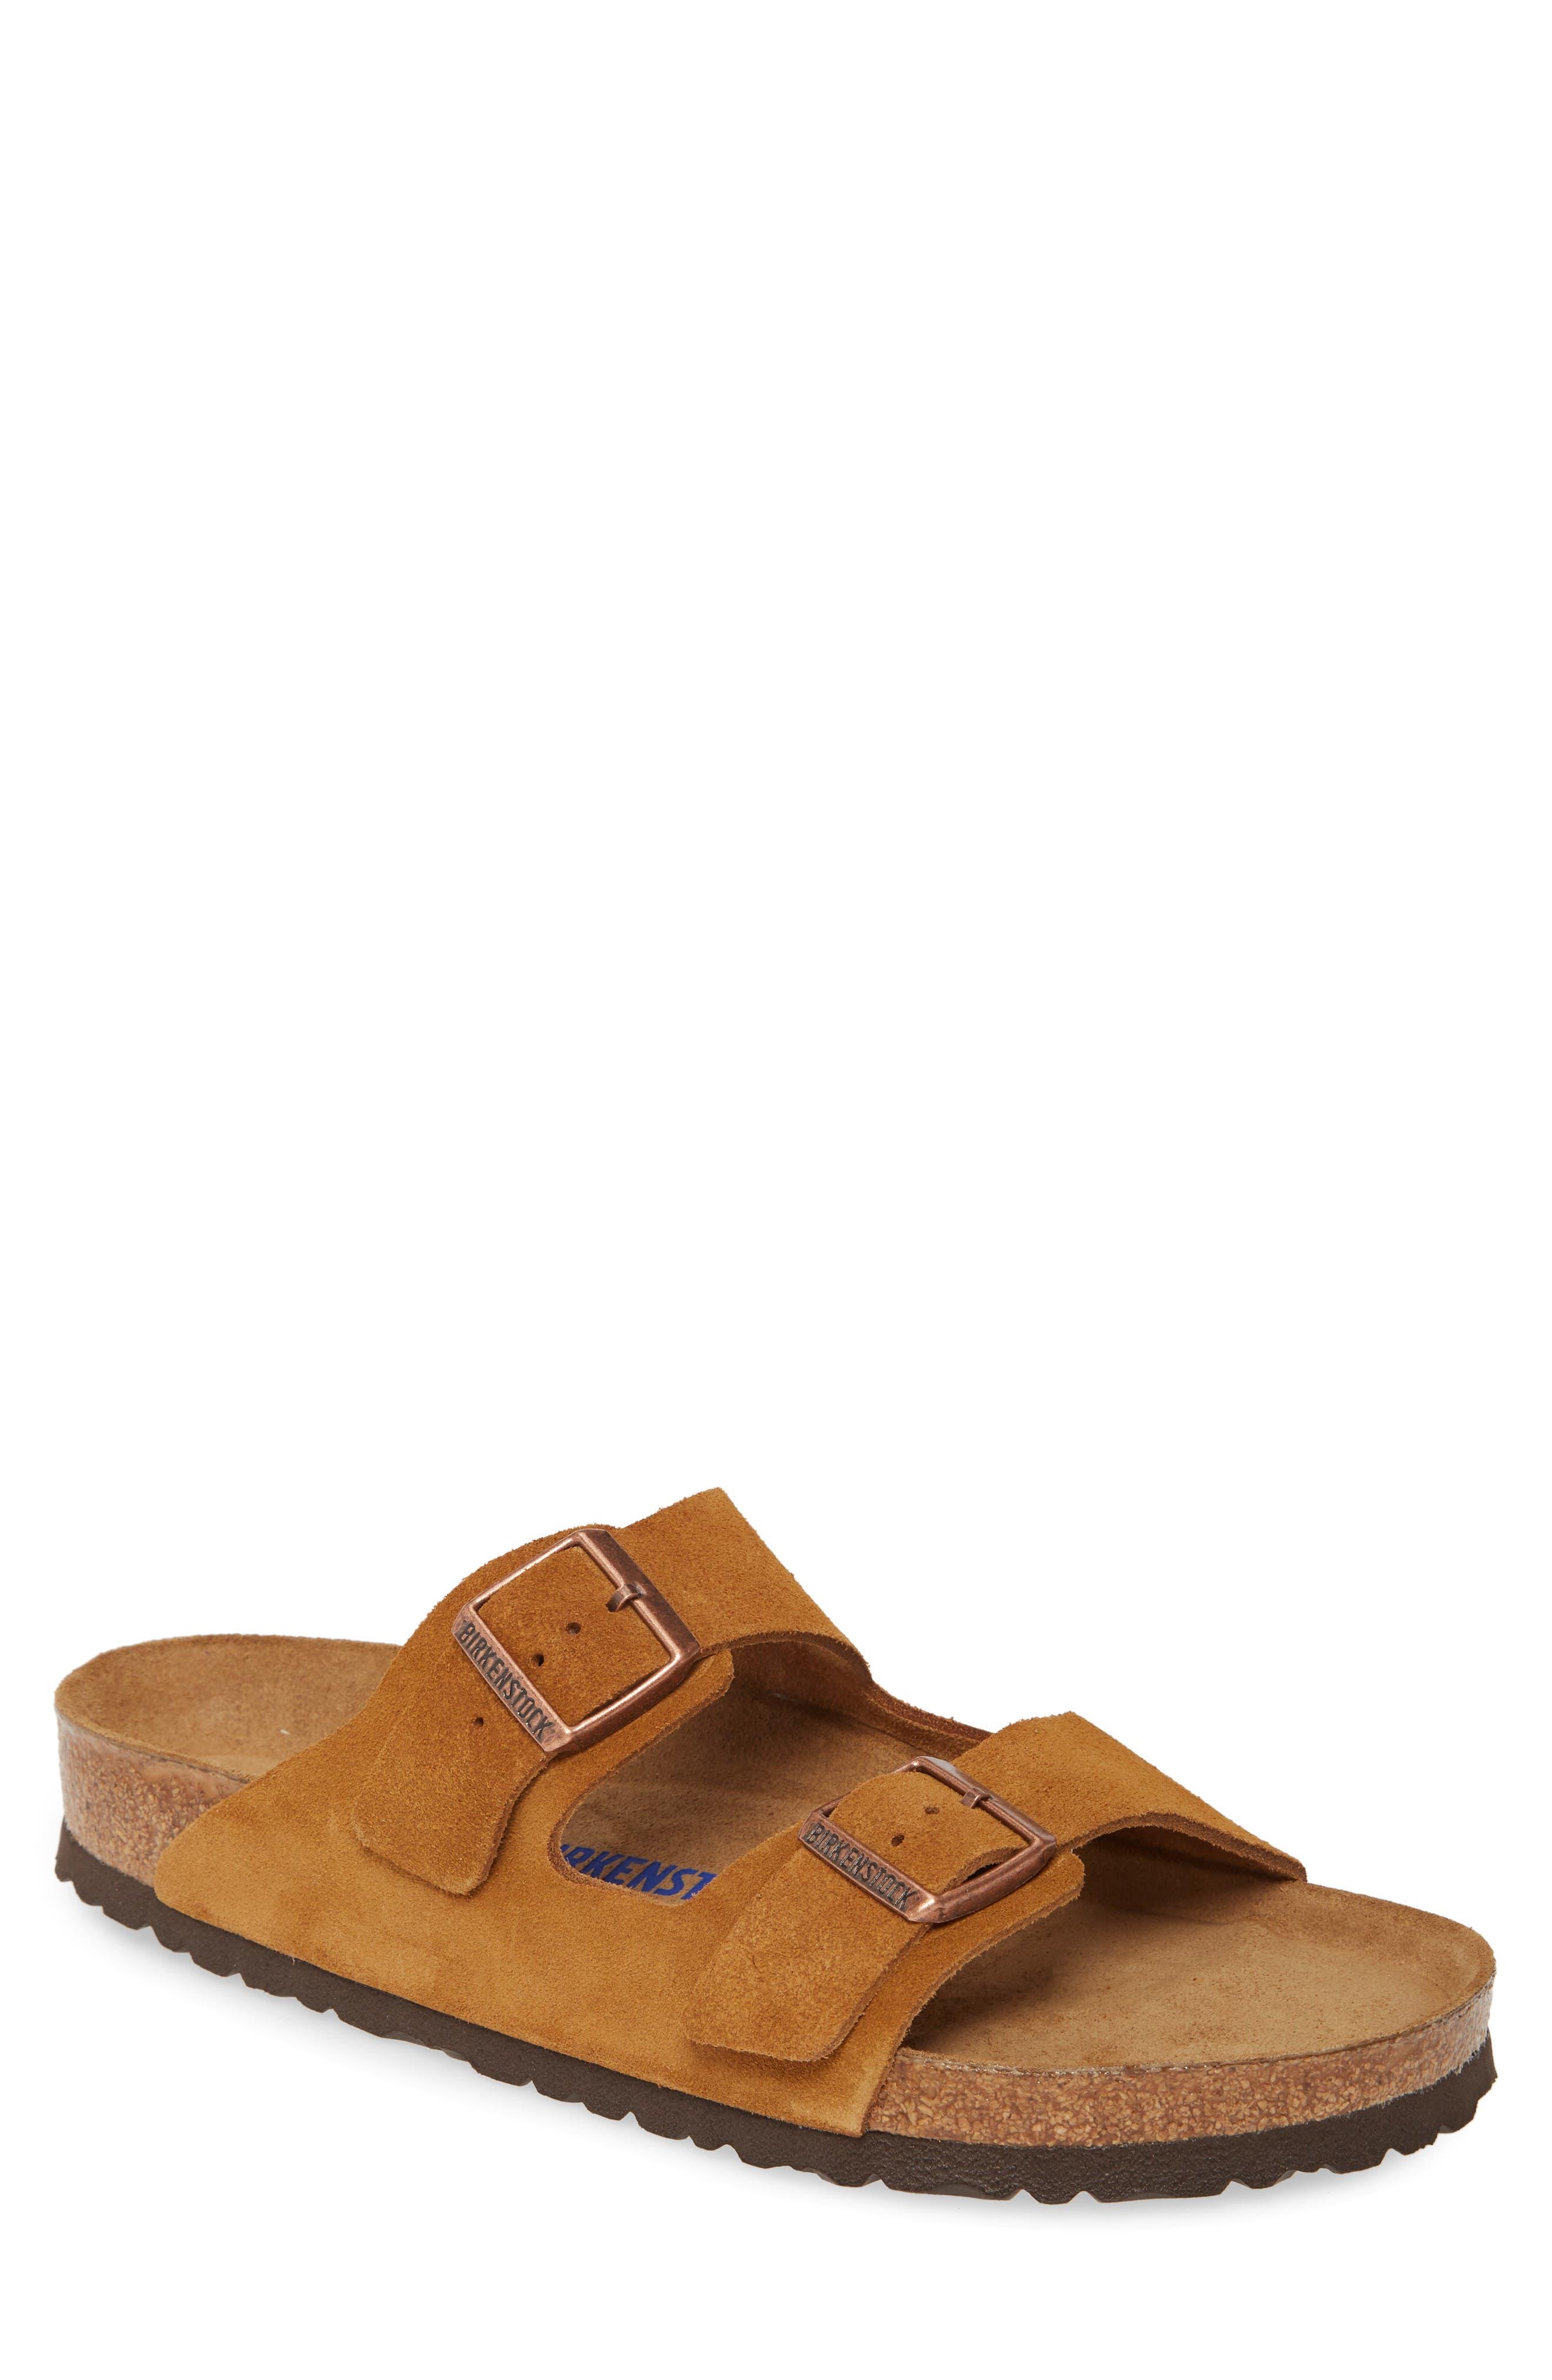 1960s -1970s Men's Clothing Mens Birkenstock Arizona Soft Slide Sandal Size 8-8.5US  41EU D - Brown $134.95 AT vintagedancer.com